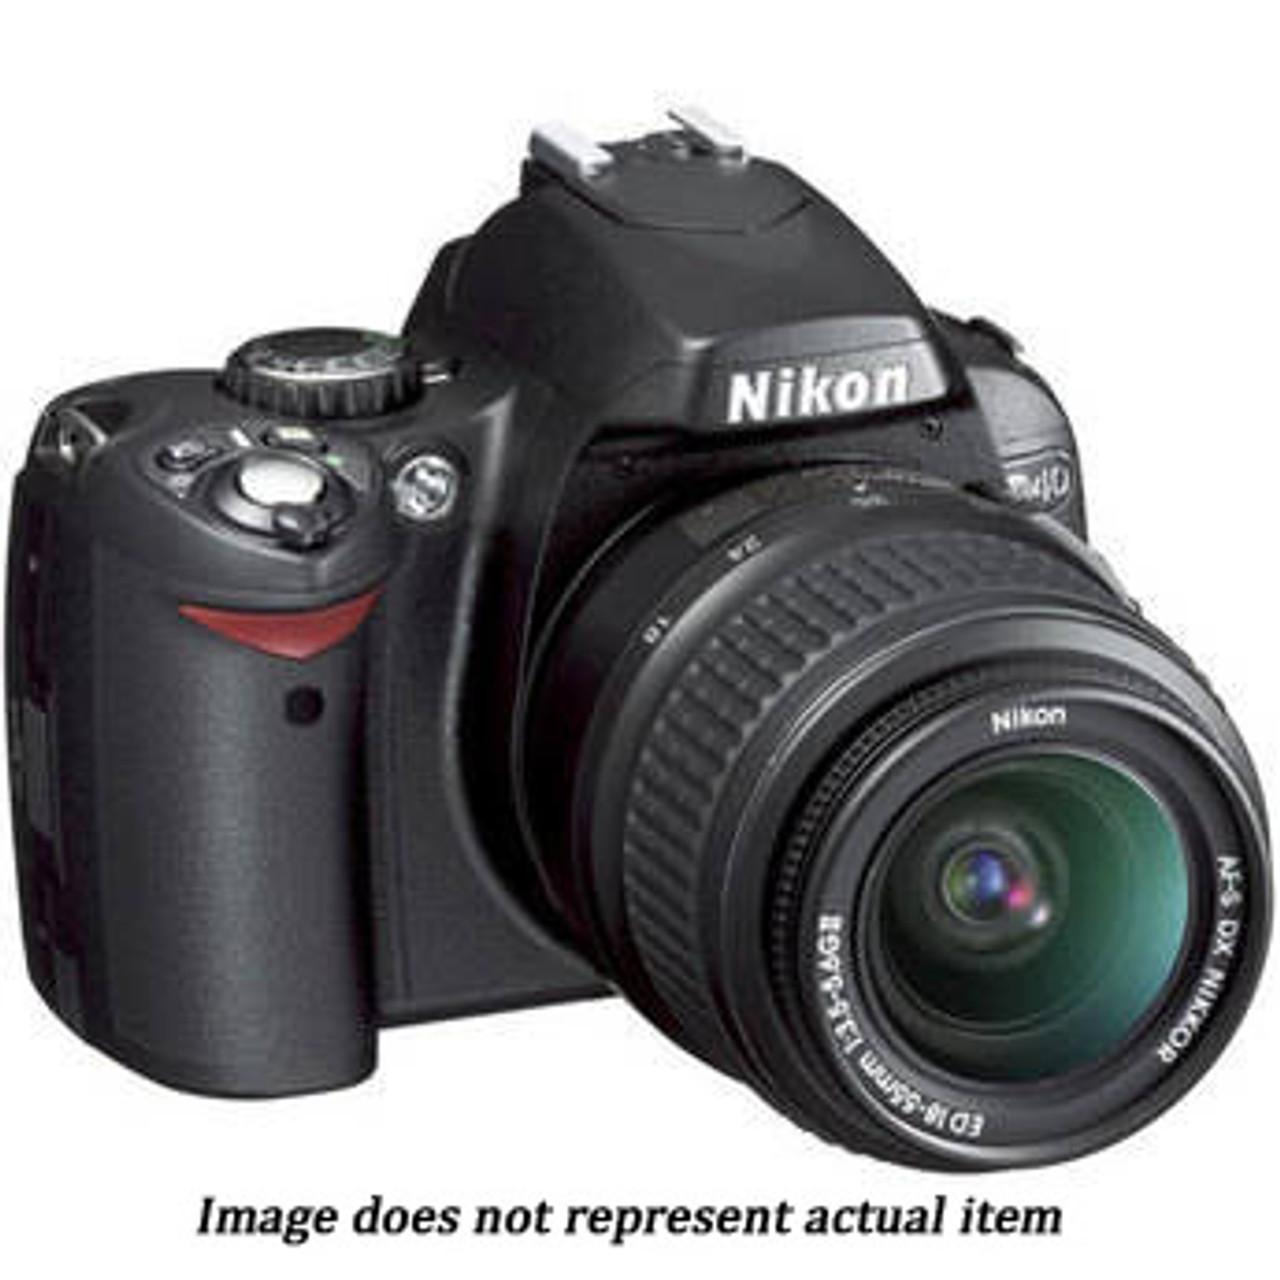 Nikon D40 Kit w/18-55mm f/3.5-5.6G II (USED) - S/N 3677958